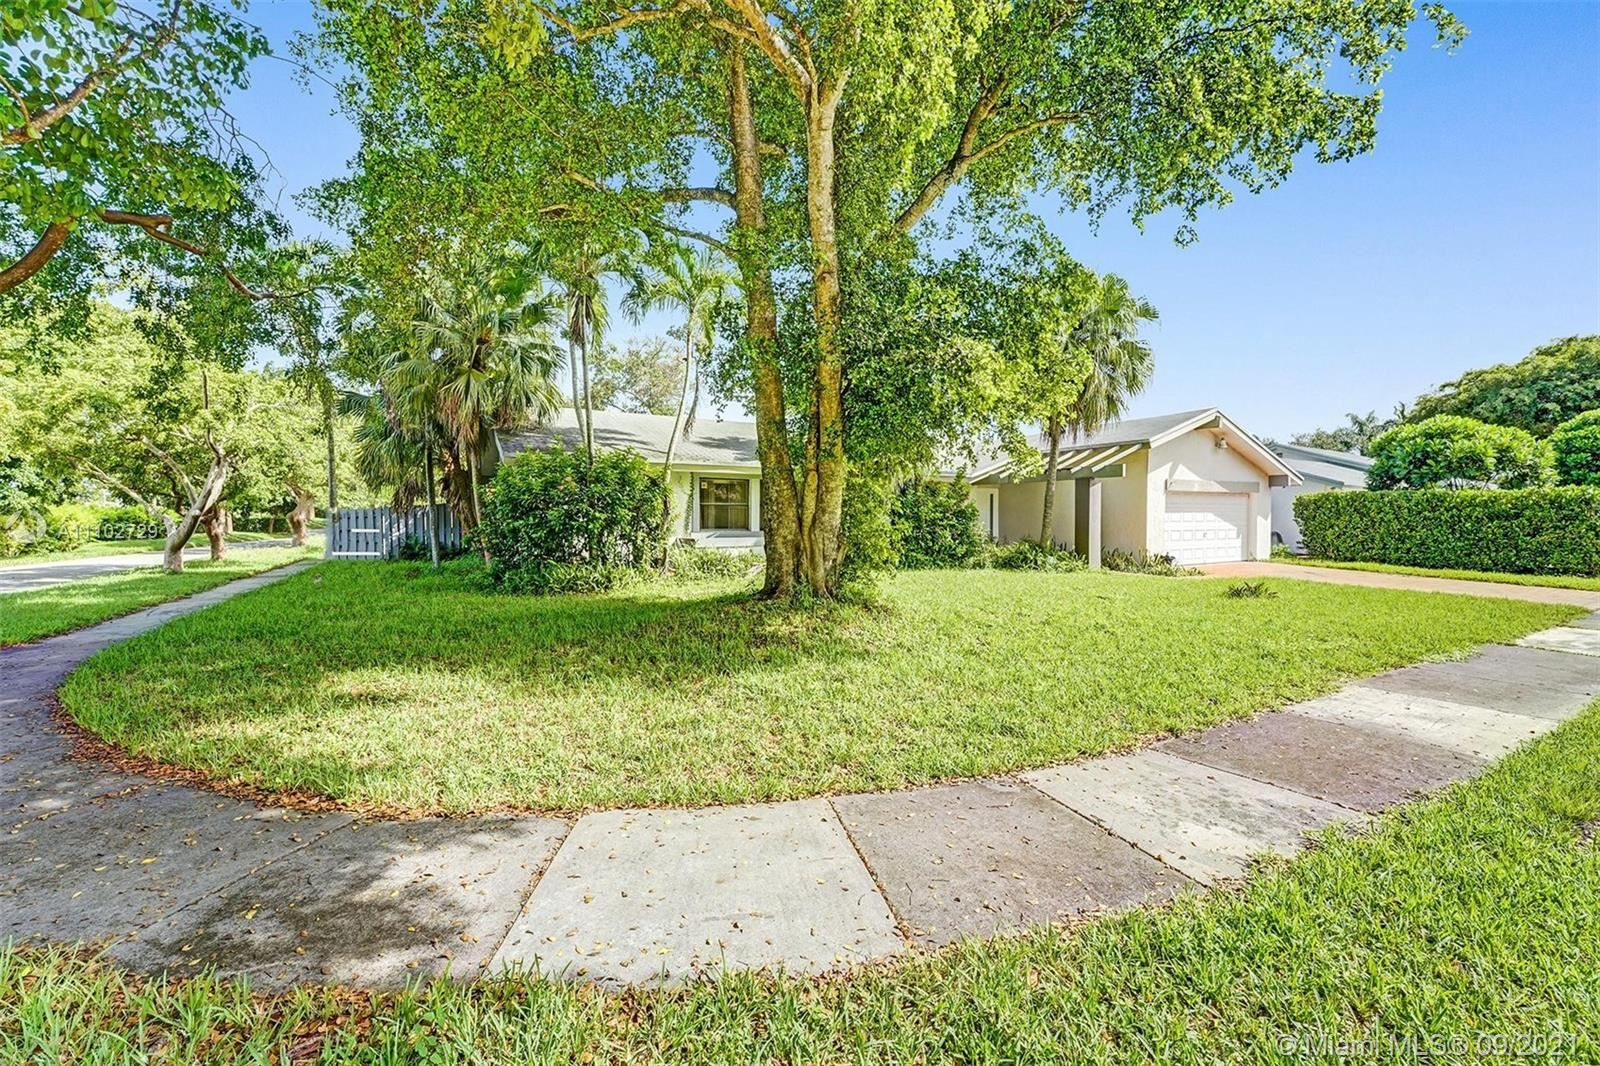 11621 SW 105th Ter, Miami, FL 33176 - #: A11102729